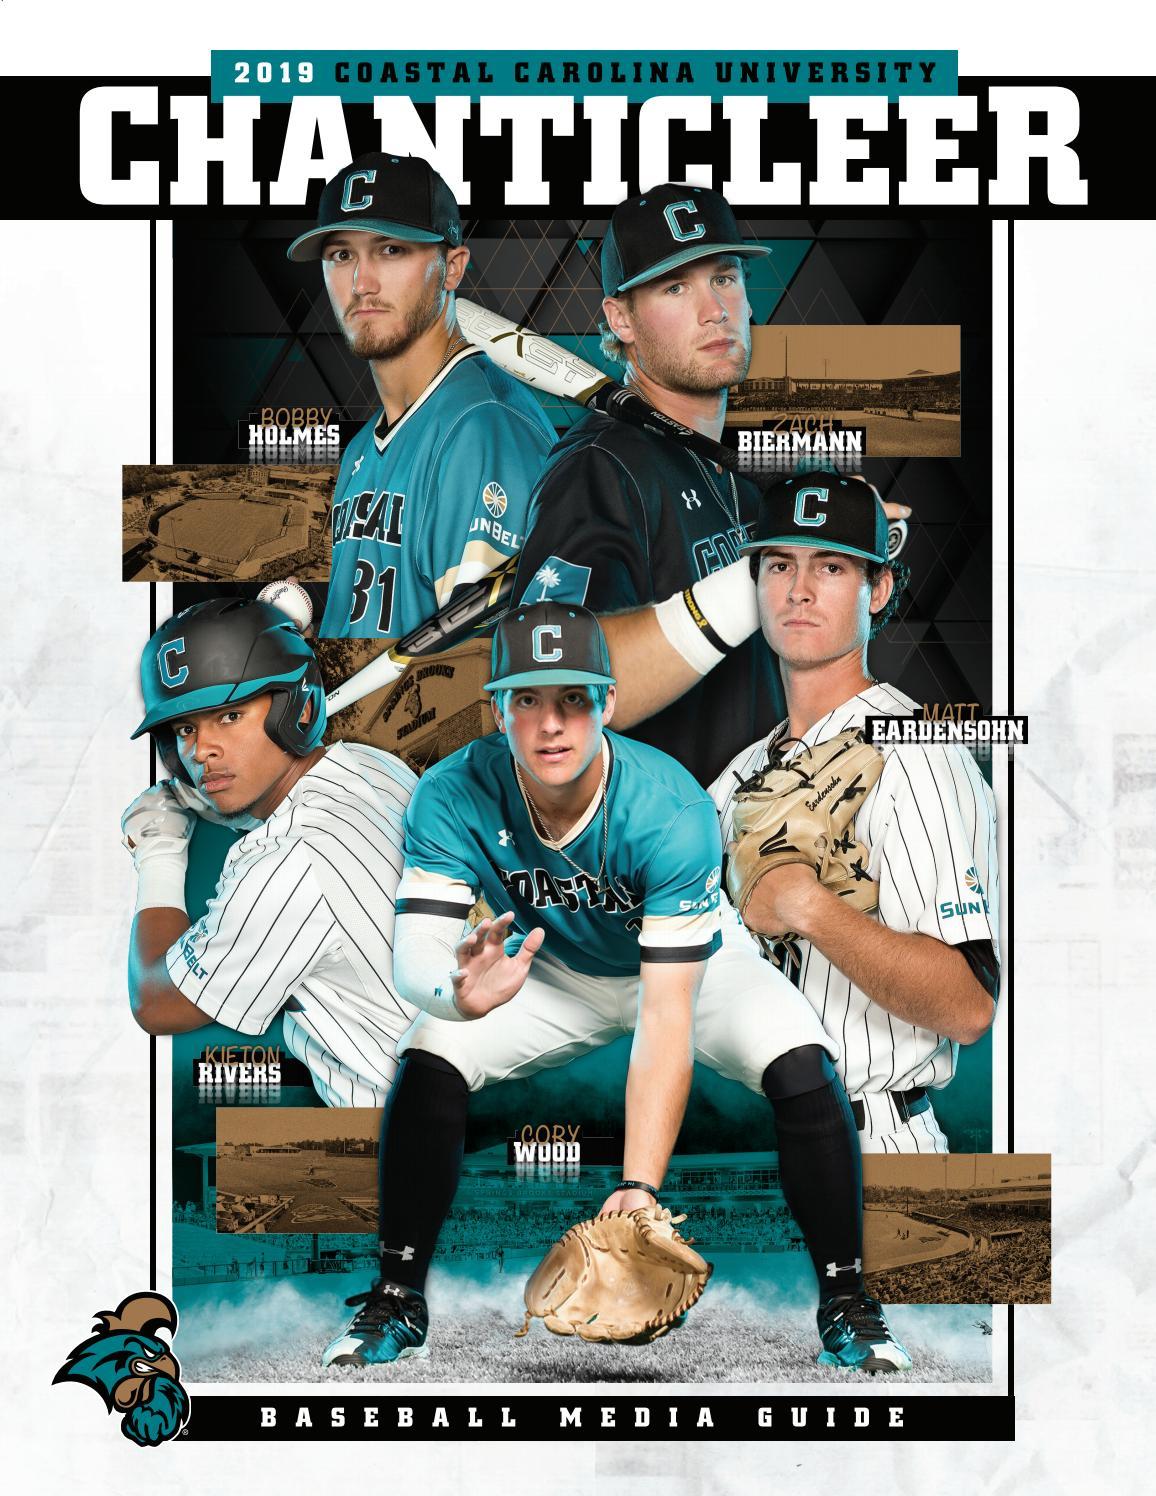 2019 Coastal Carolina University Baseball Media Guide by